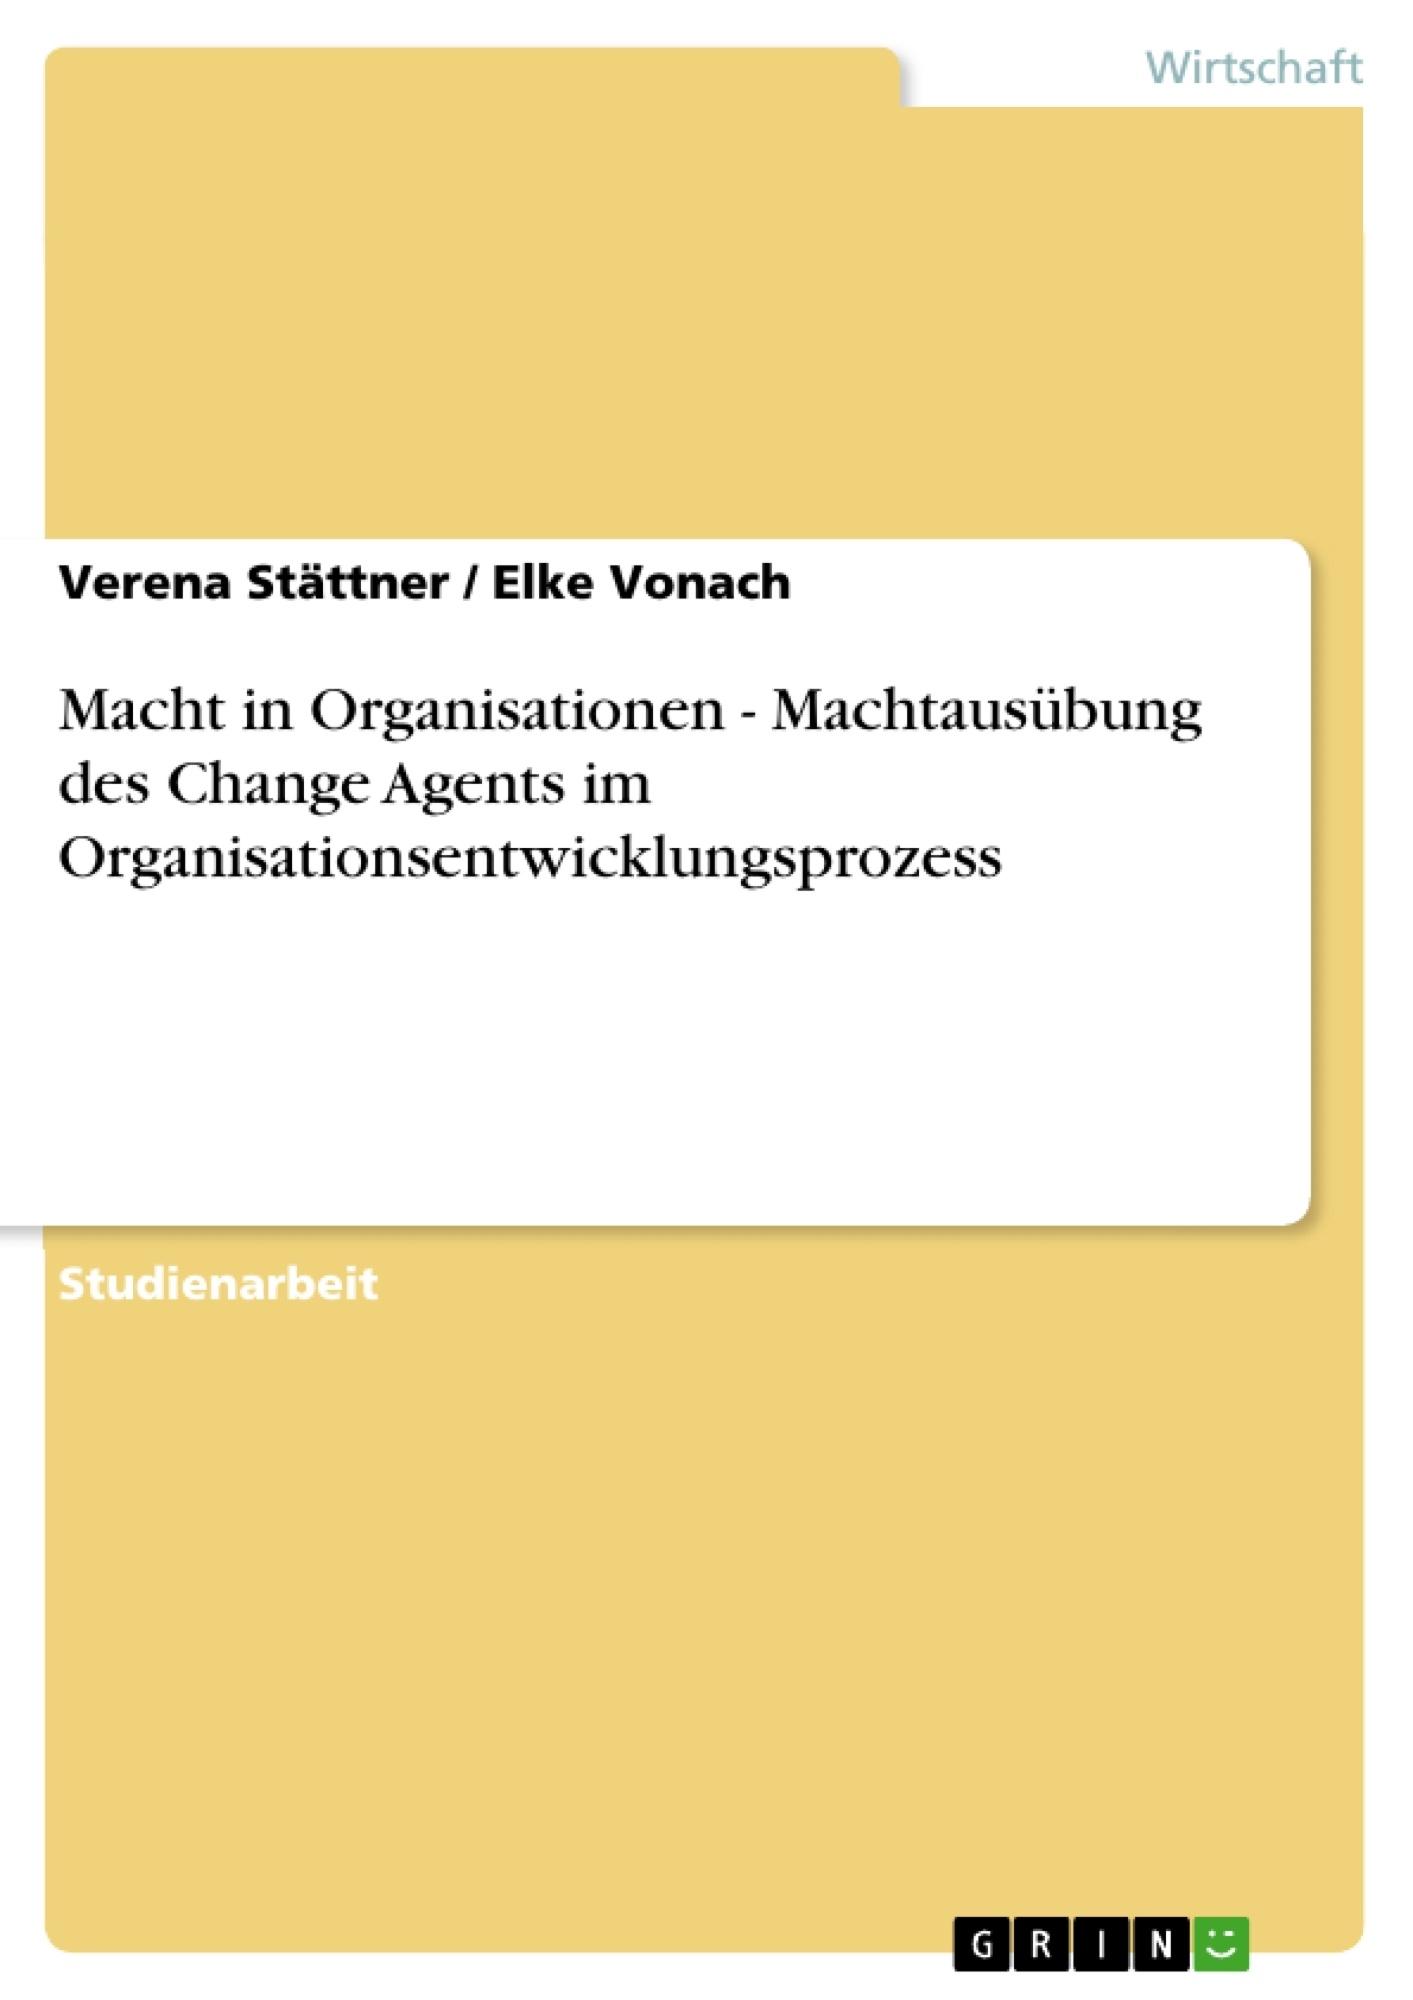 Titel: Macht in Organisationen - Machtausübung des Change Agents im Organisationsentwicklungsprozess